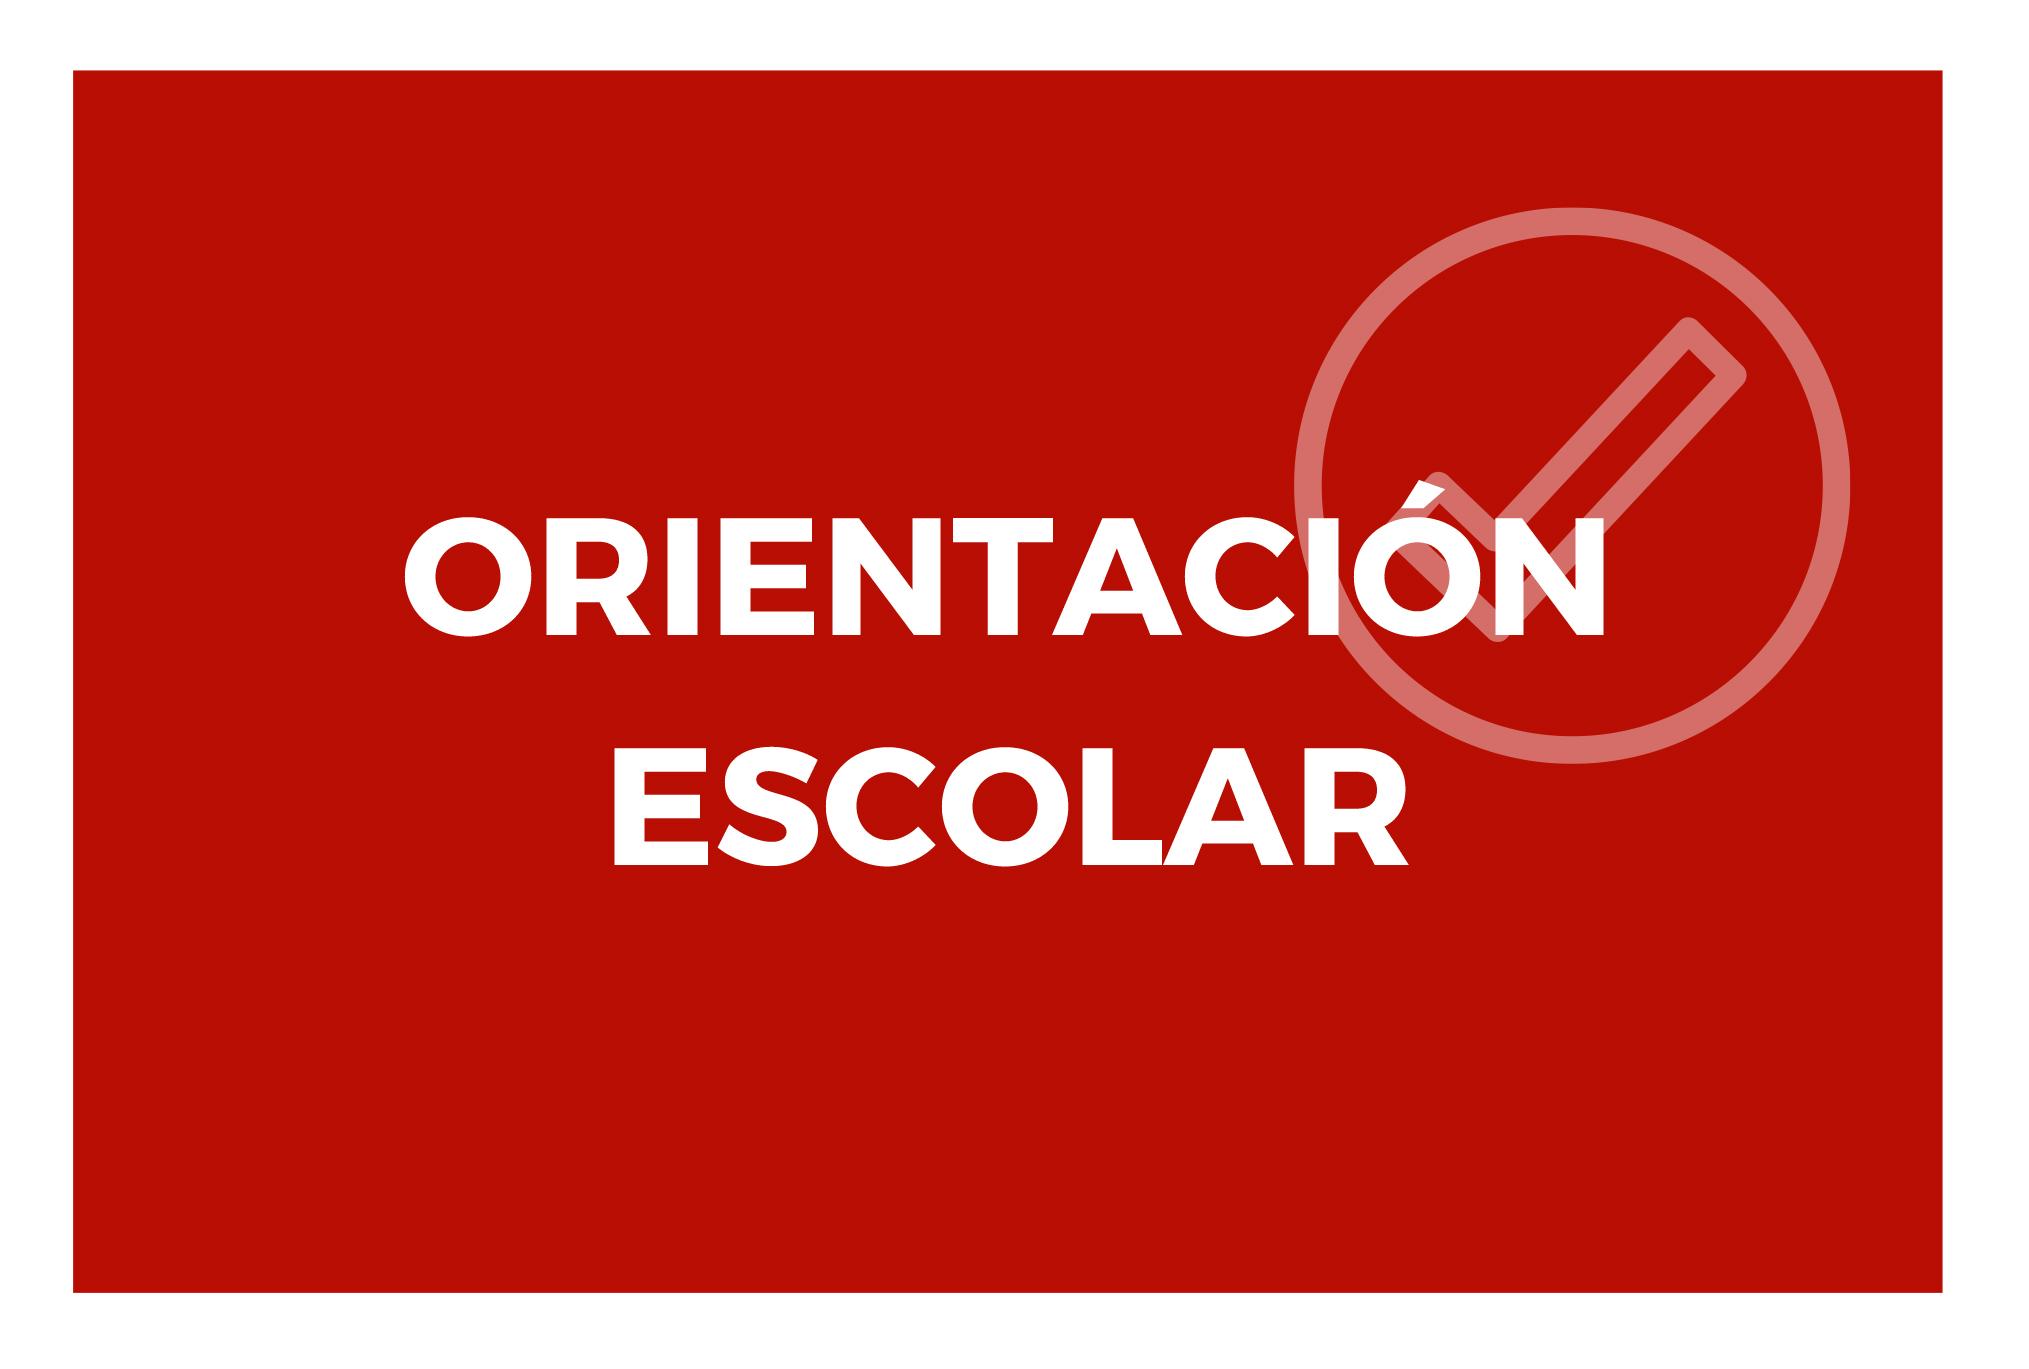 Orientación (orientacion.jpg)